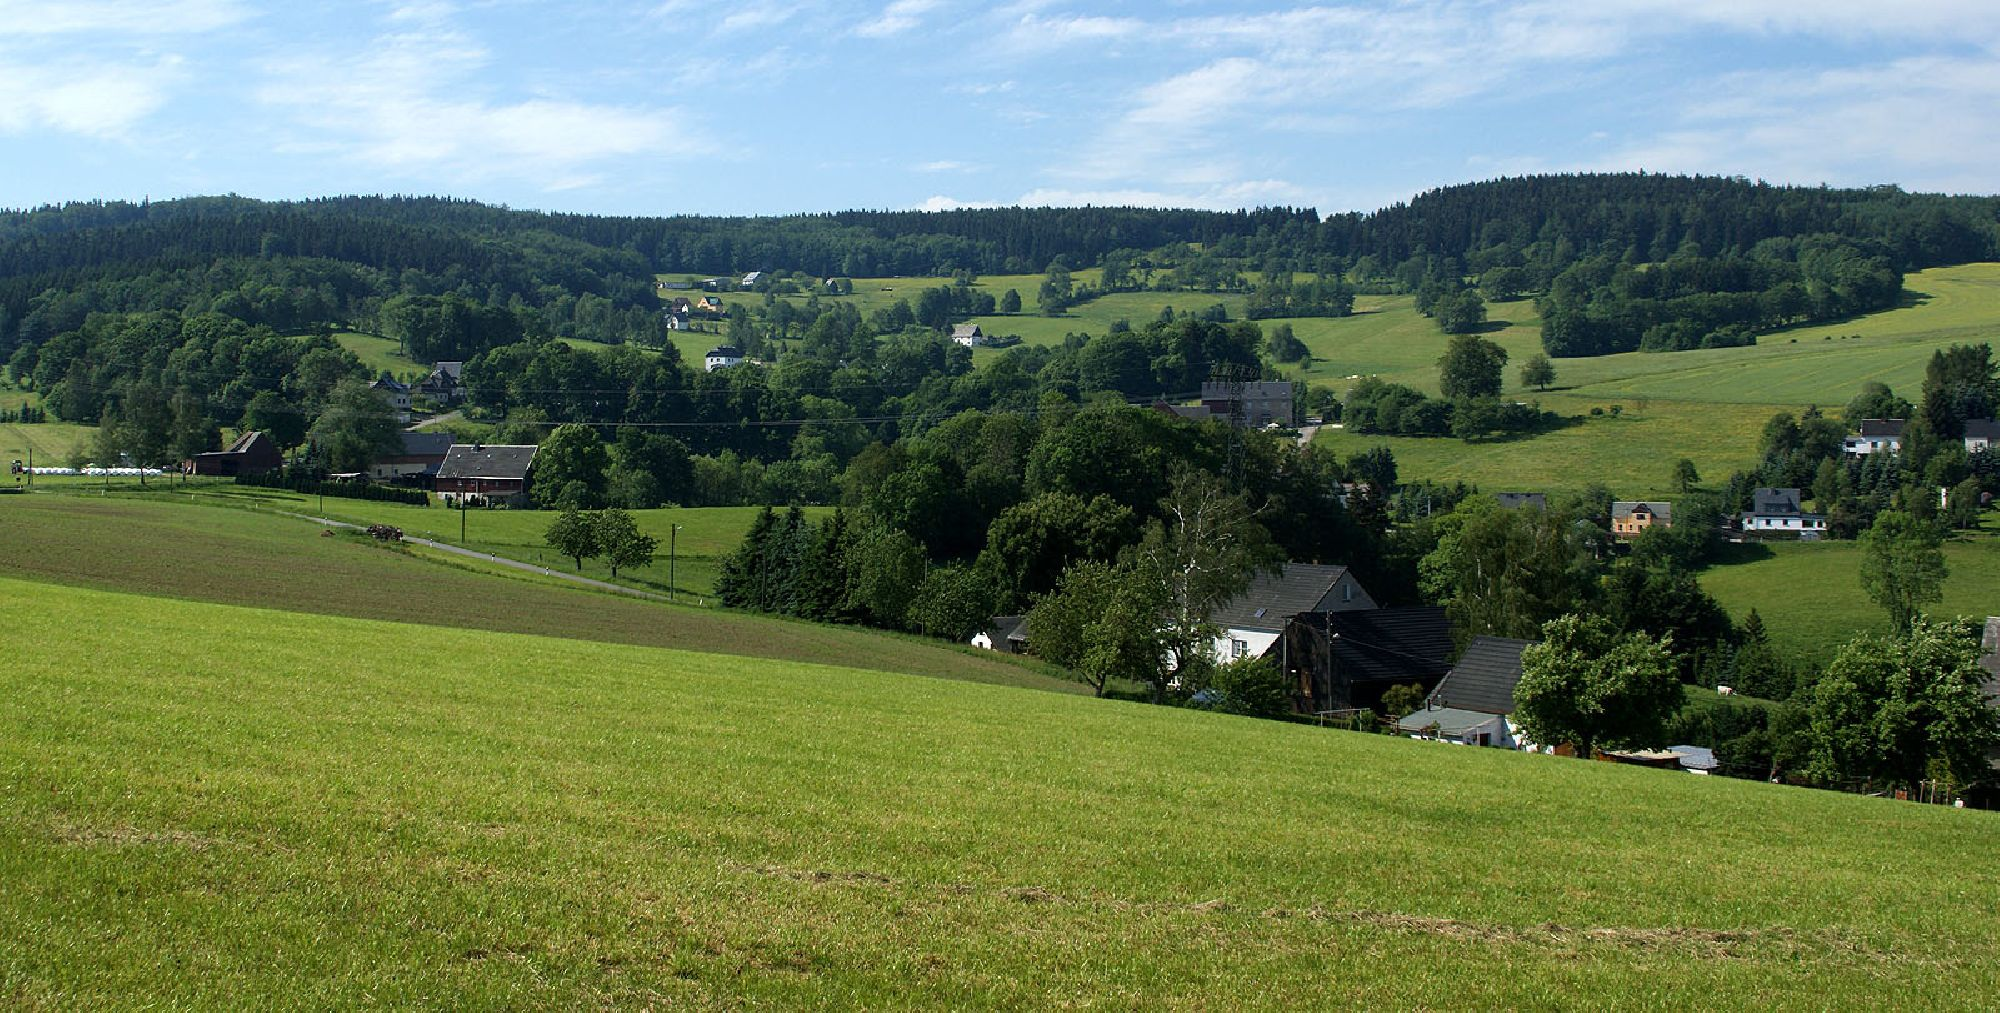 Ansprung im Erzgebirge - Ortsteil Sorgau